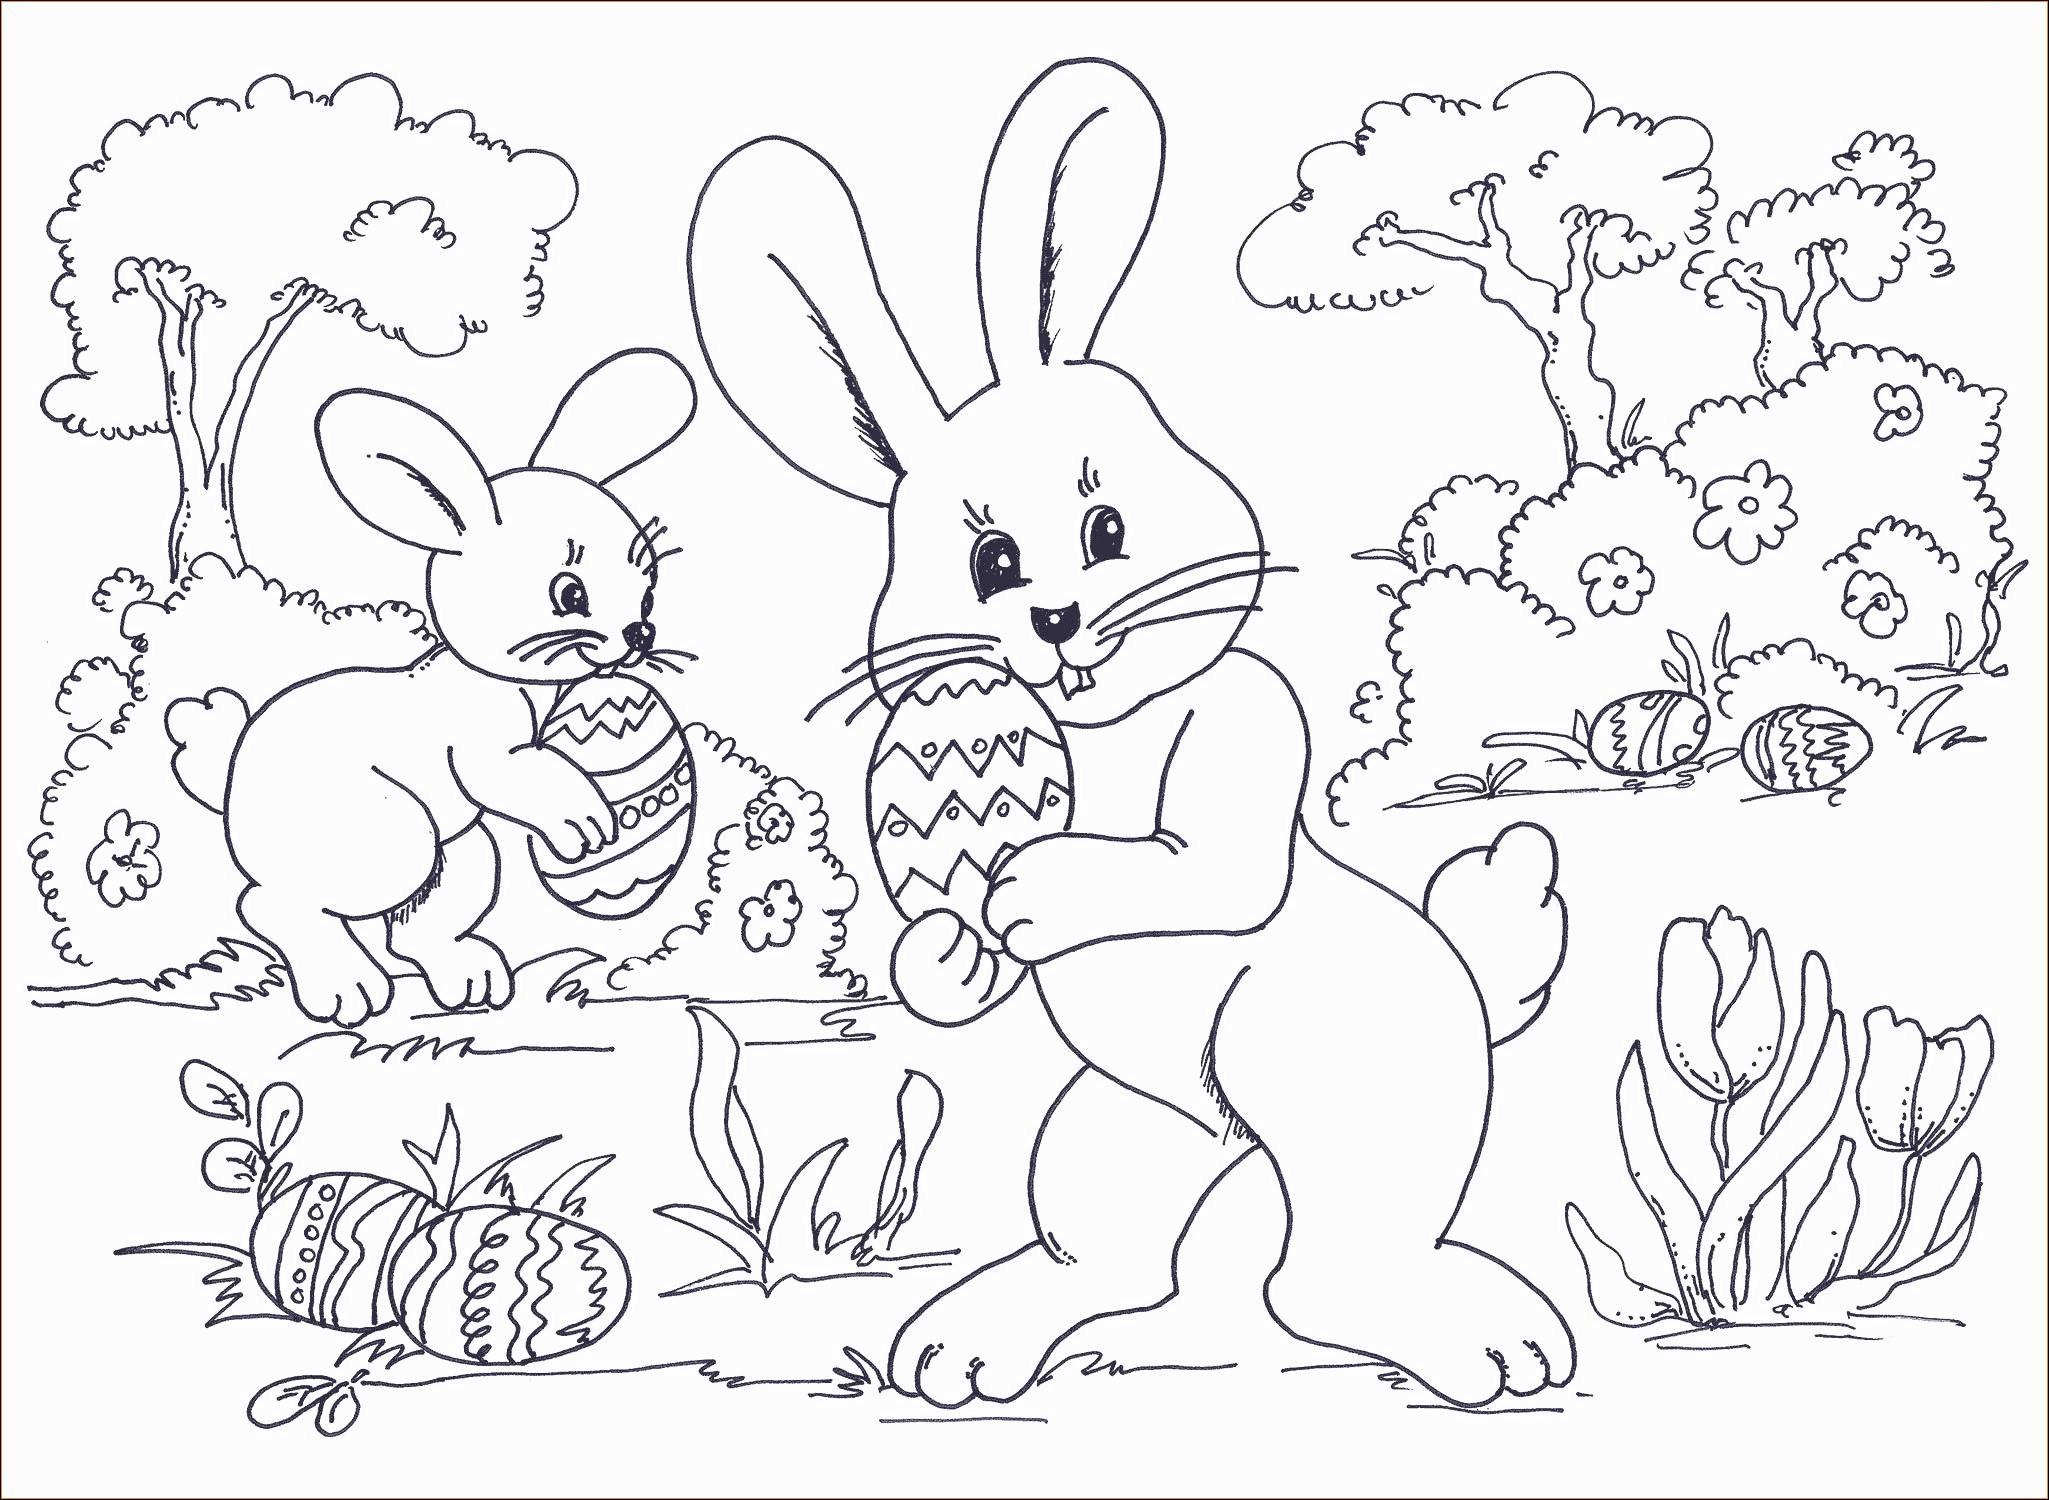 Ausmalbilder Ostern Zum Ausdrucken Das Beste Von Hasen Bilder Zum Ausdrucken Kostenlos Bild Das Bild